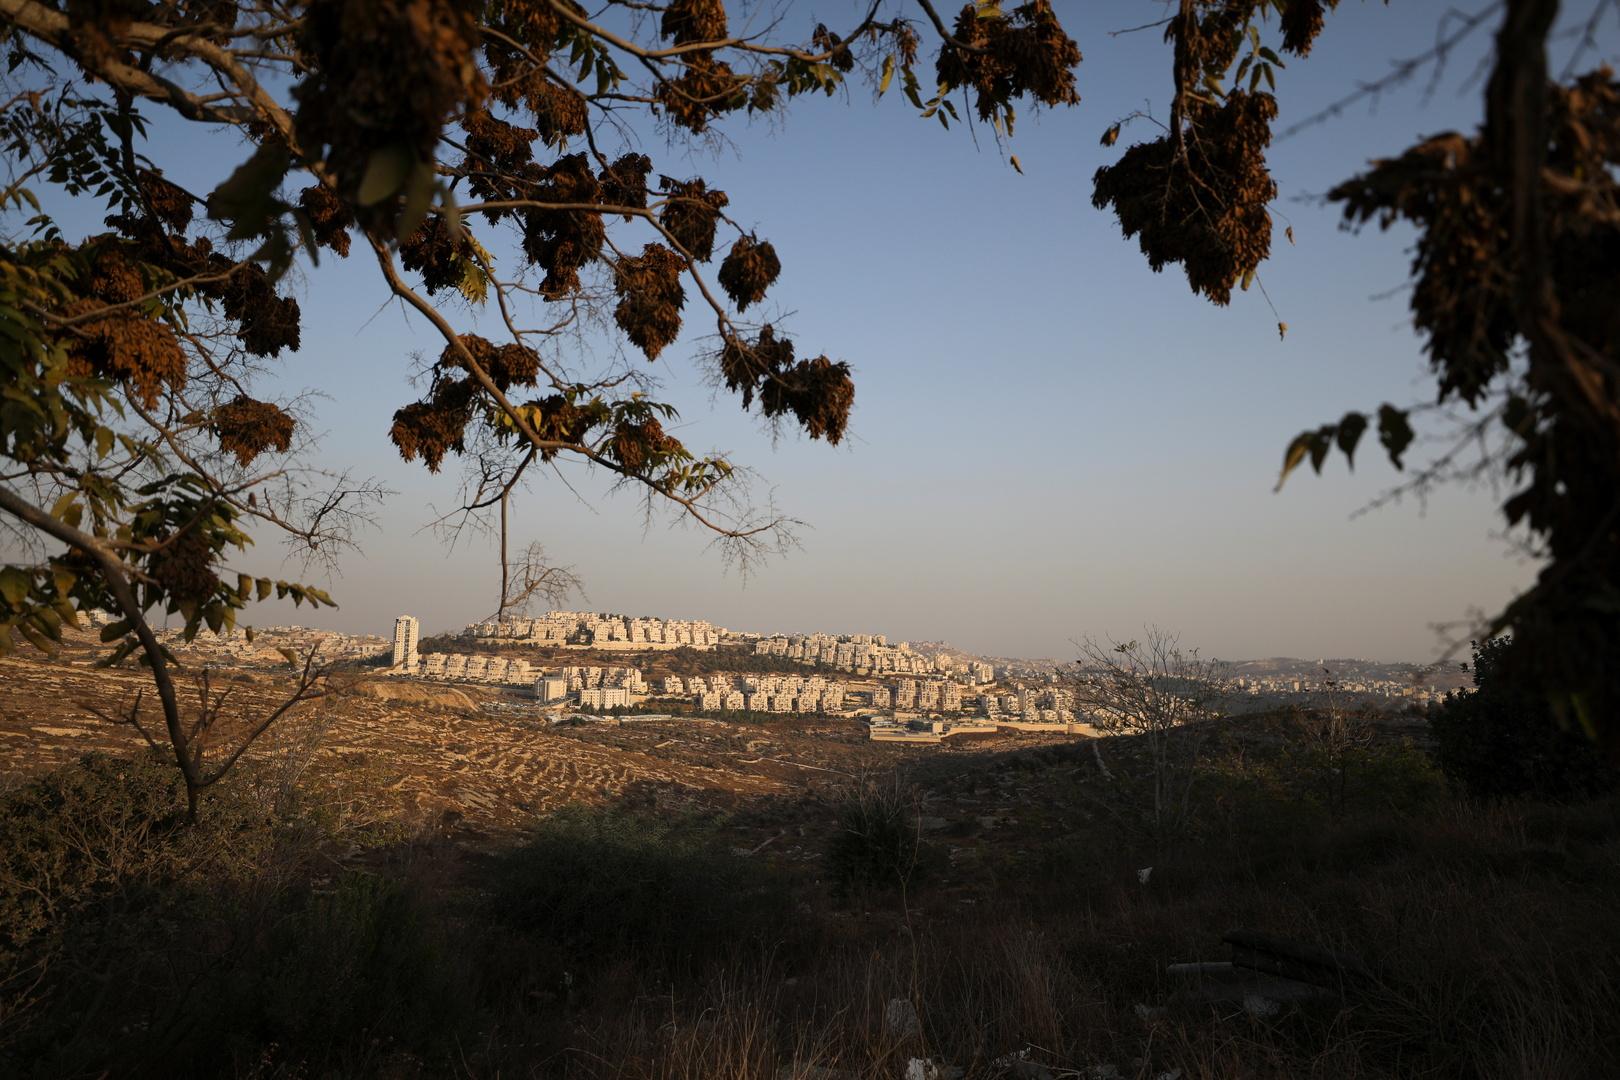 دول أوروبية تدعو إسرائيل إلى العدول عن بناء 3 آلاف وحدة استيطانية في الضفة الغربية